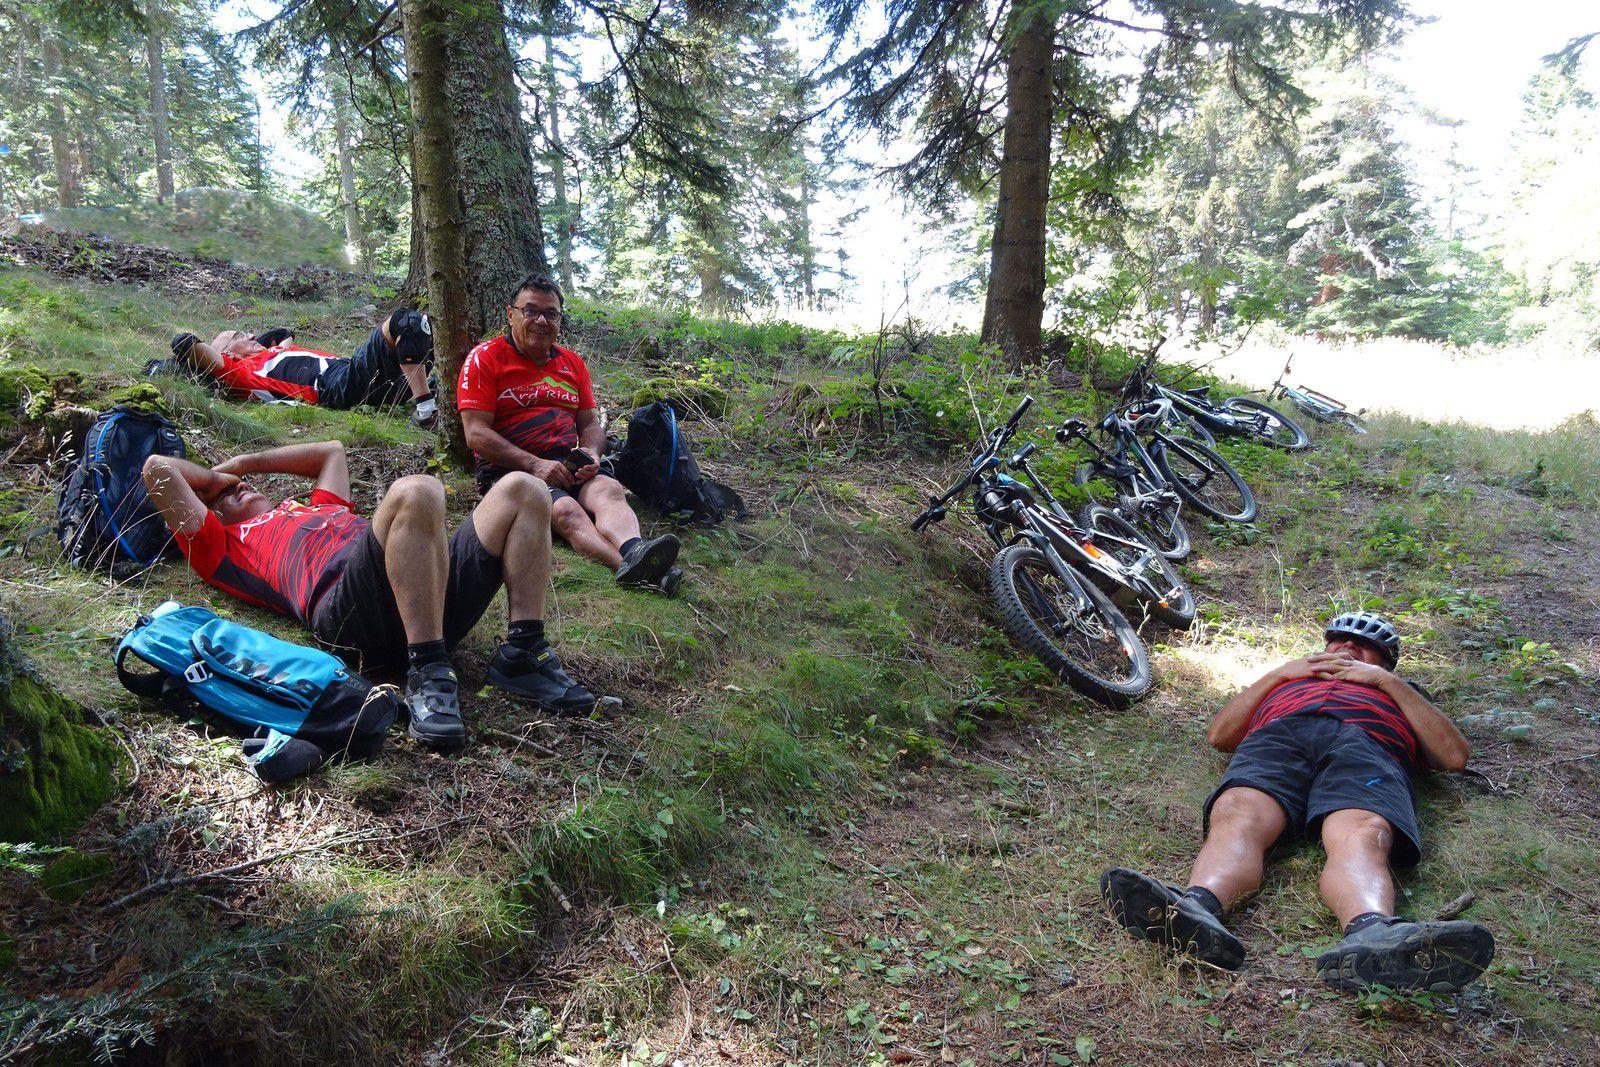 Ça se passe comme ça avec les Ardriders, sieste après le déjeuner.